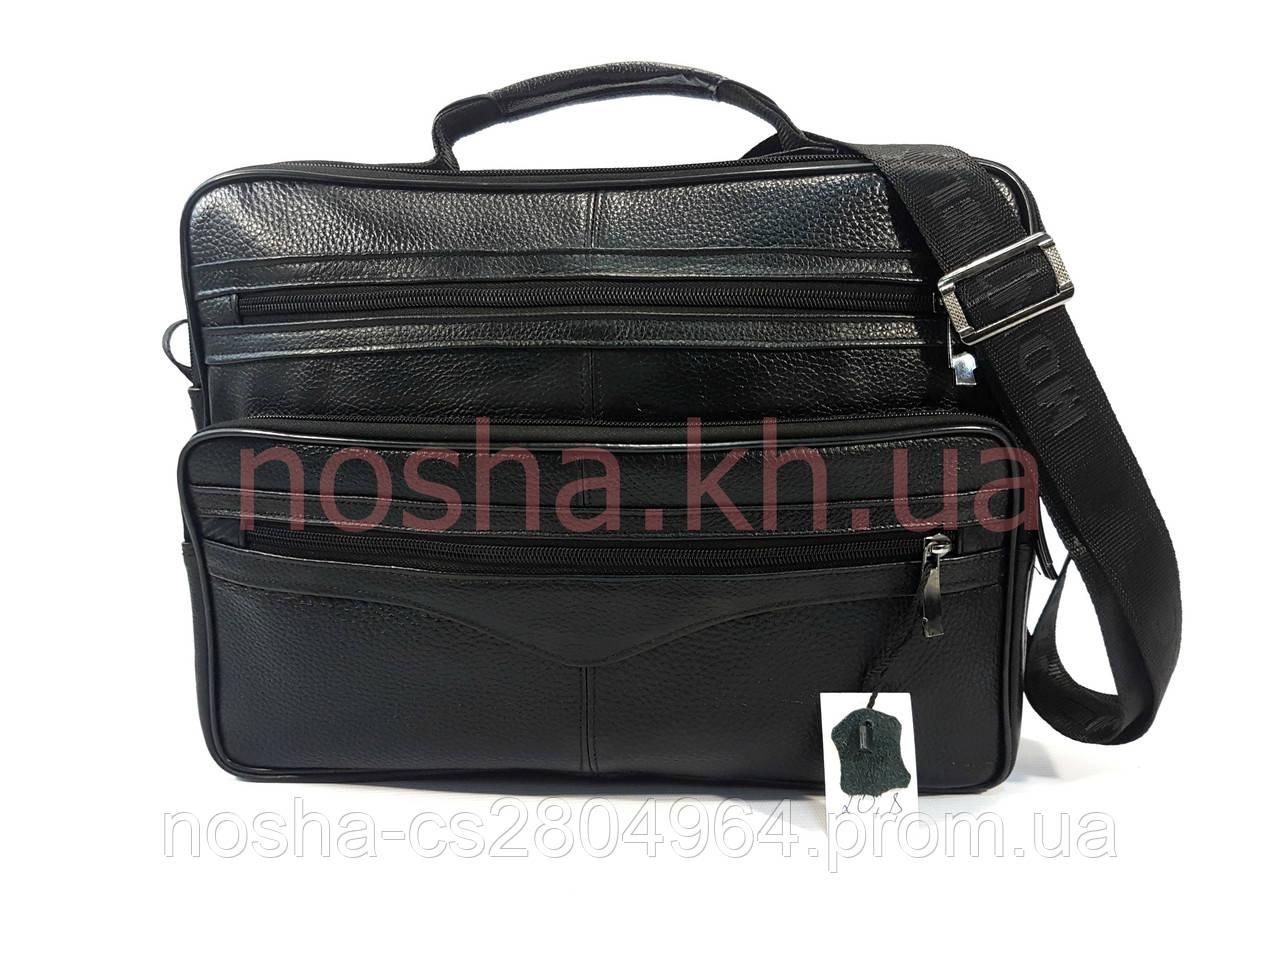 2fbf19c5c883 Сумка для ноутбука/документов из натуральной кожи.: продажа, цена в ...